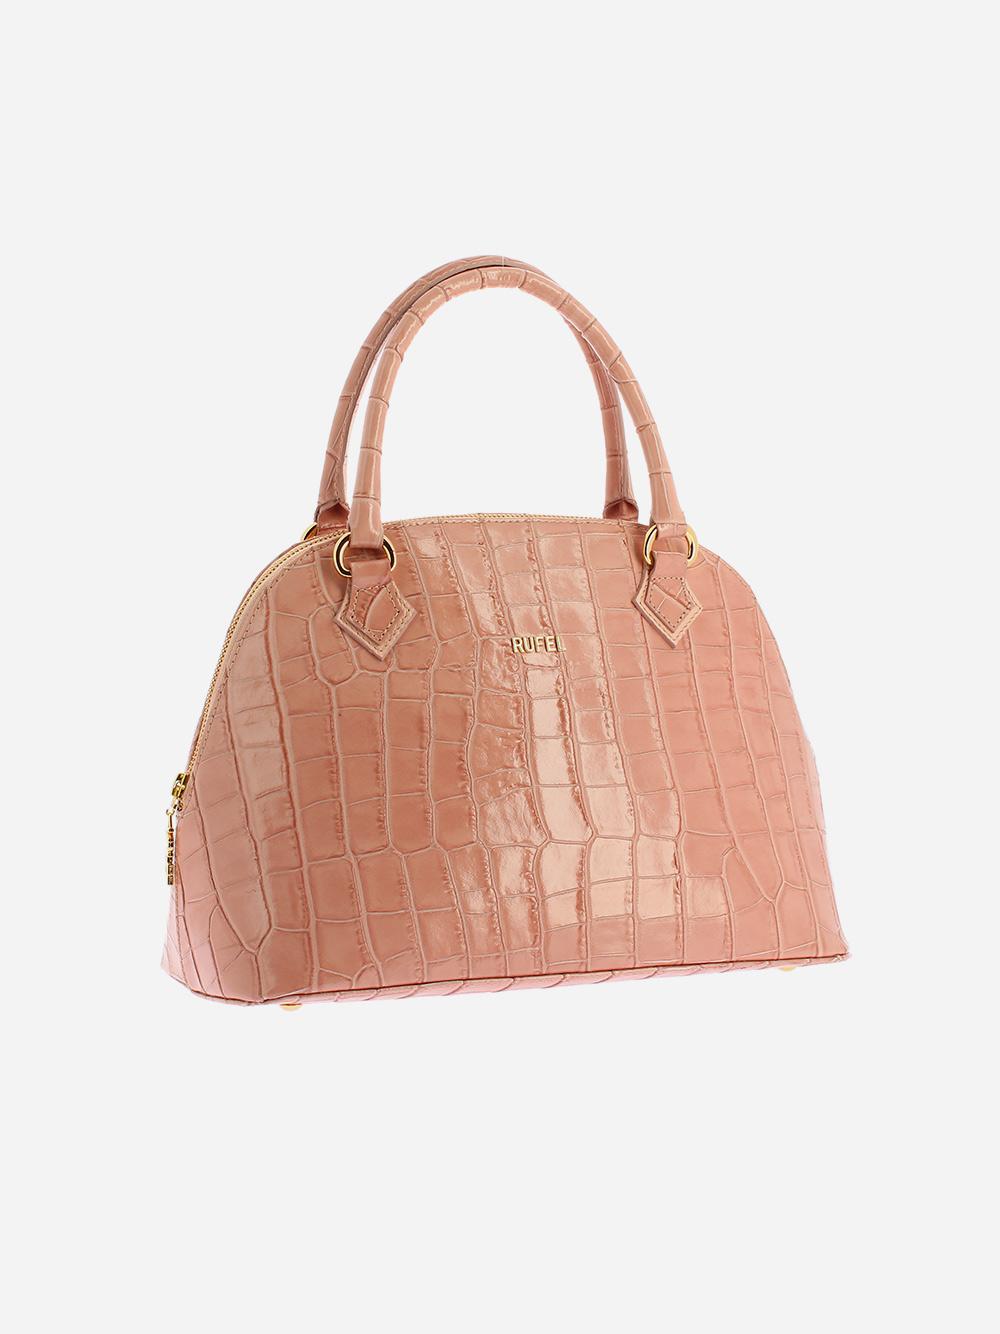 Nude Croco Handbag